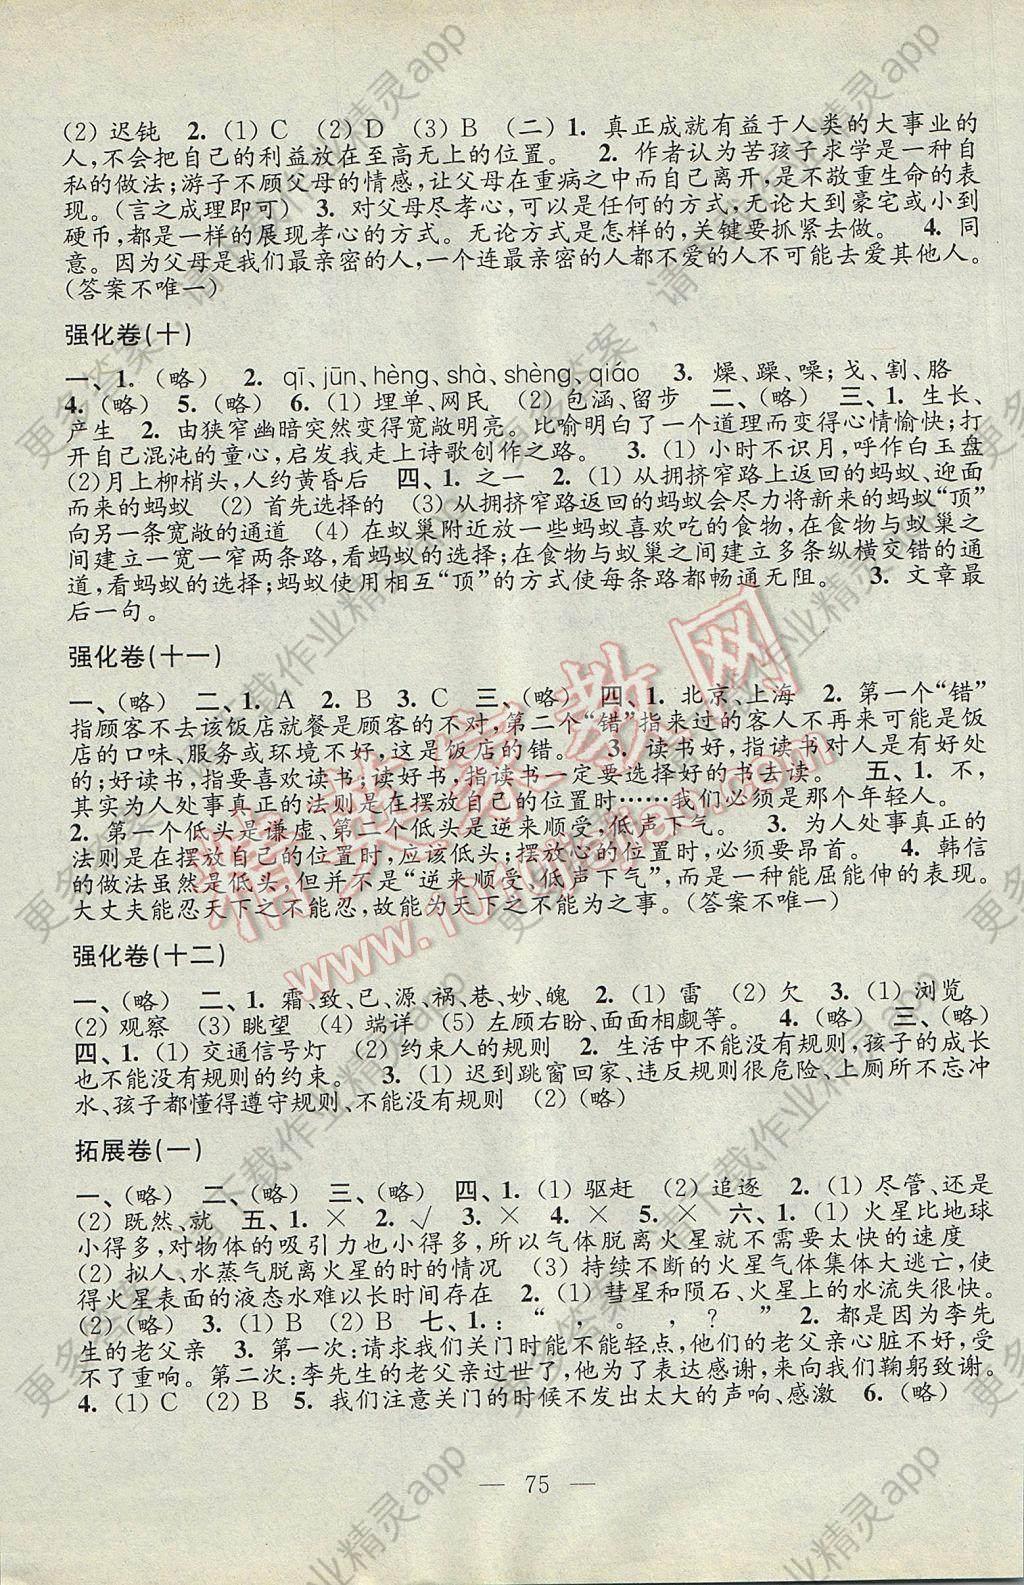 2017年年级下册强化拓展卷五小学模范苏教版天津小学语文2017图片